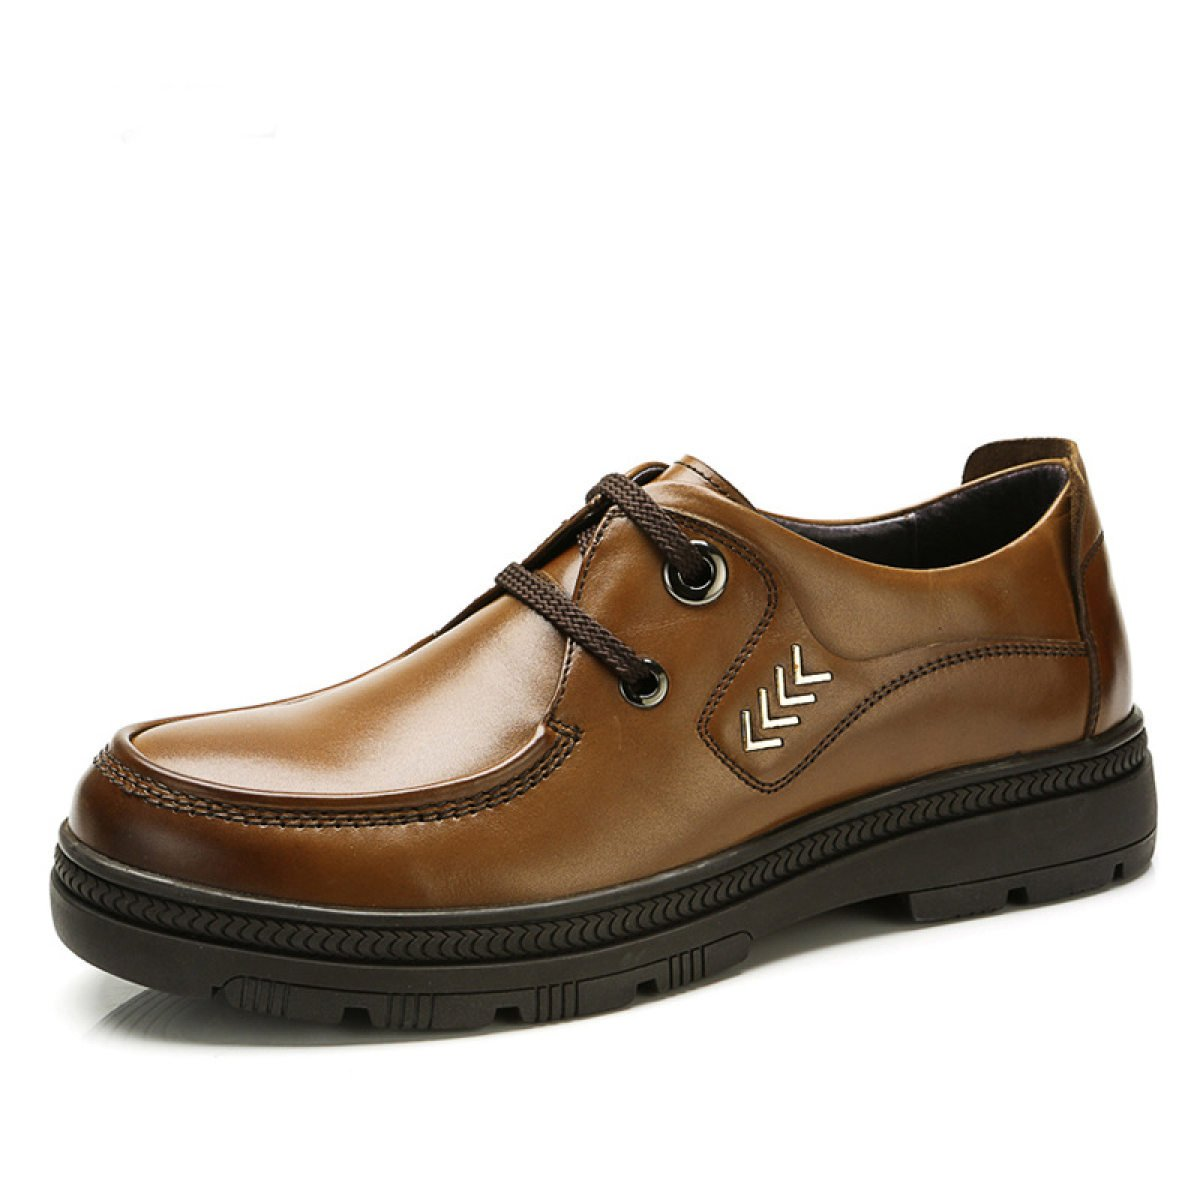 GTYMFH Niedrige Niedrige Niedrige Hilfe Spitze Herrenschuhe Wild Männer Freizeitschuhe Business Einzelne Schuhe Herrenschuhe 2345b1